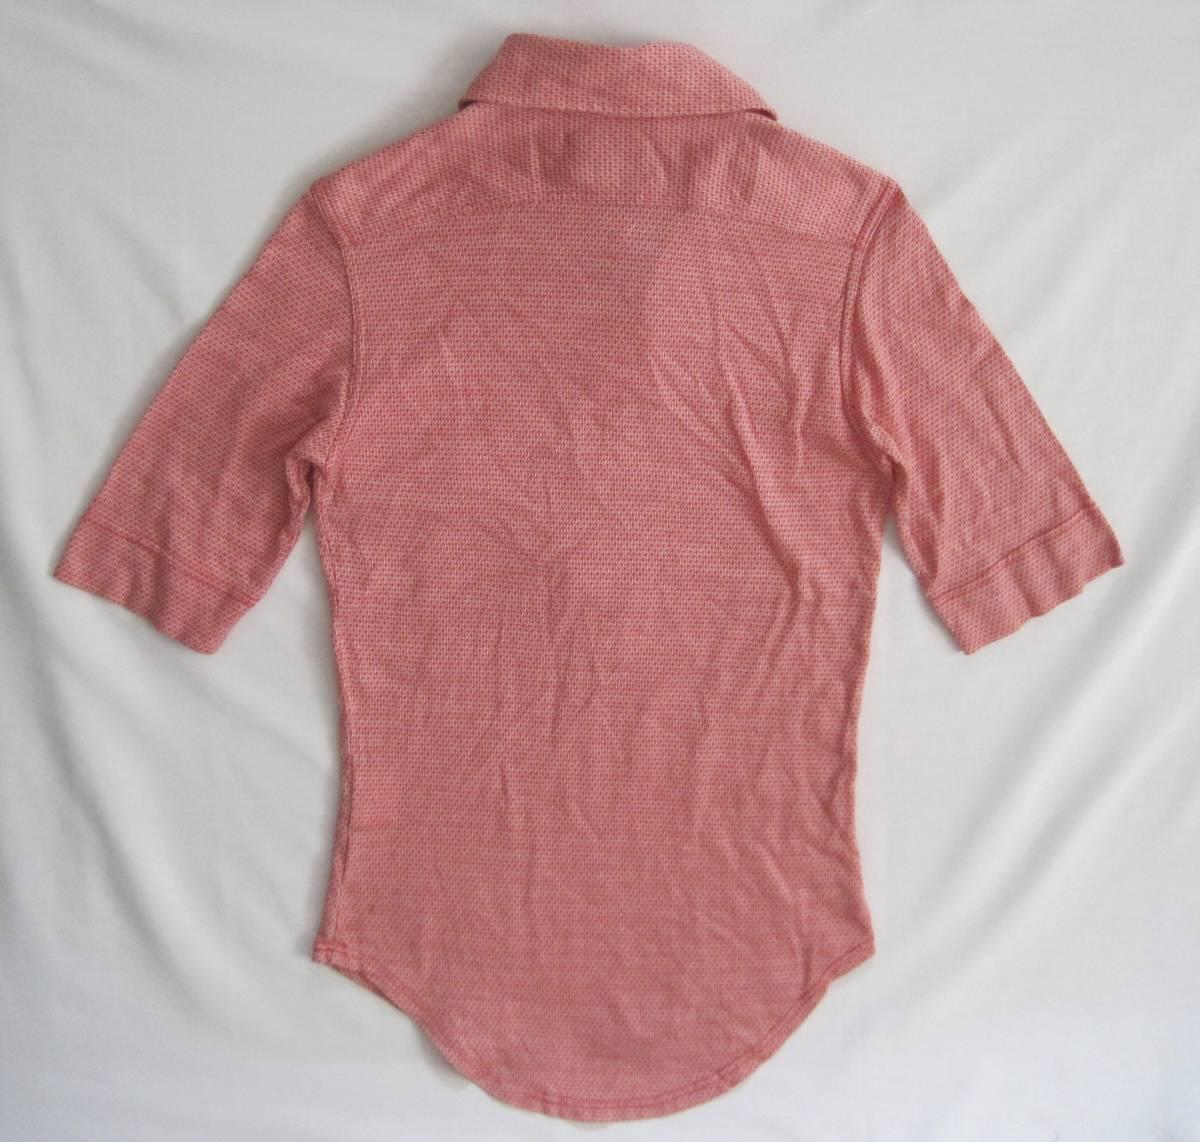 Vivienne Westwood man ヴィヴィアンウエストウッド マン 半袖シャツ S 初期 イタリア製 オリゾンティ_画像7